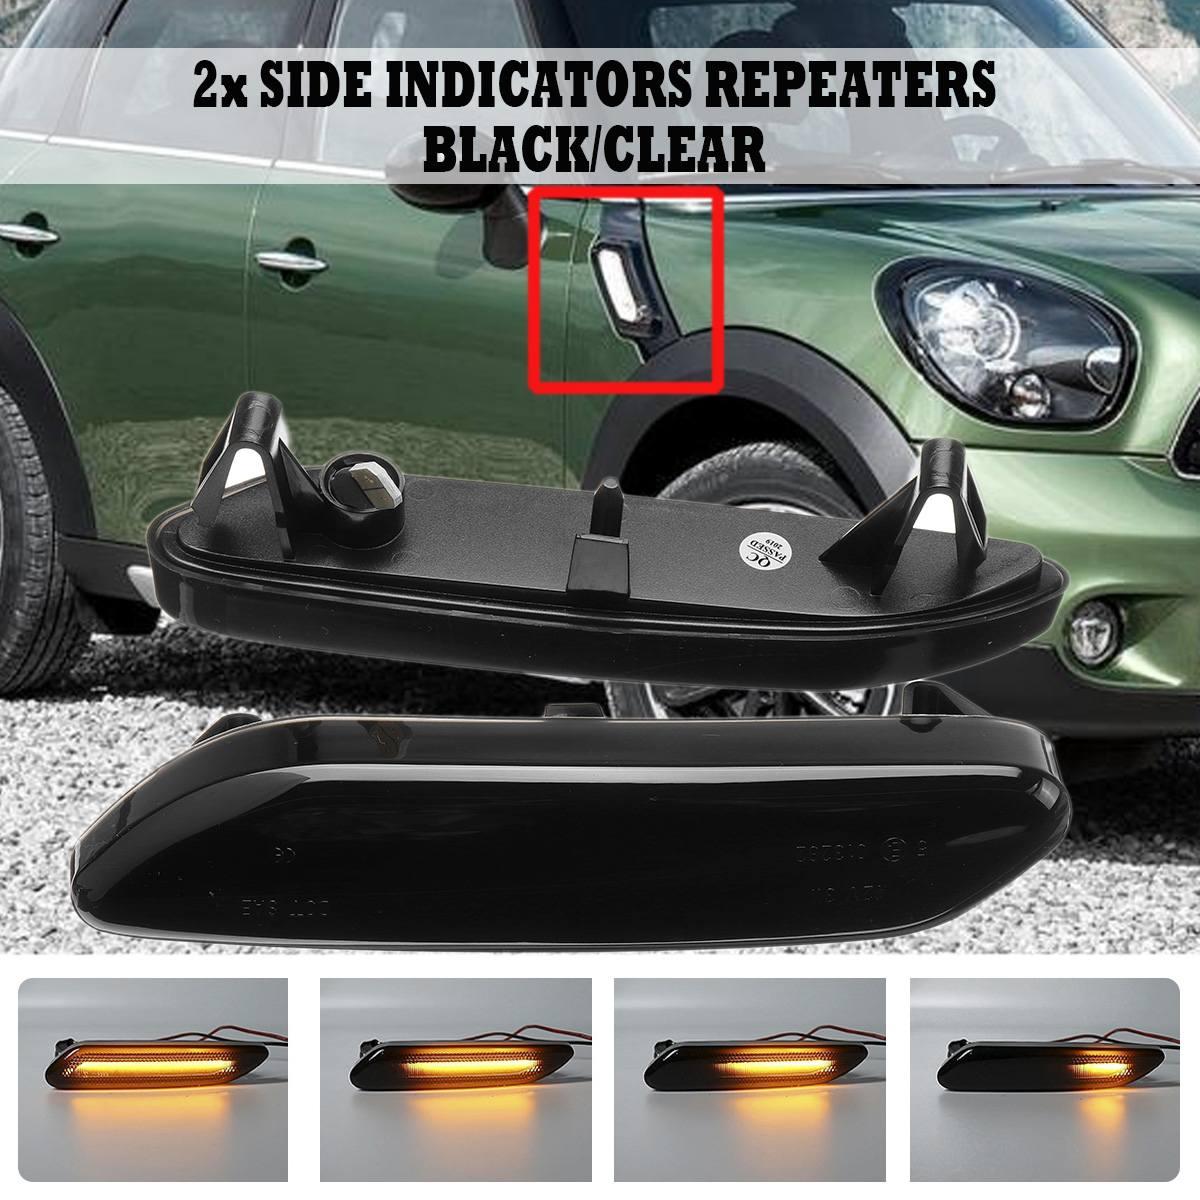 Par de Fluxo Transformar a Luz do Sinal Dinâmico 12v Repetidor Lateral Lâmpada LED Lado Marcador de Luz Da Lâmpada Do Painel Para BMW Para mini Cooper R60 R61